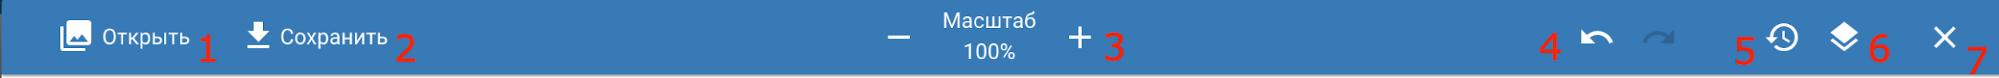 Редактор eSputnik